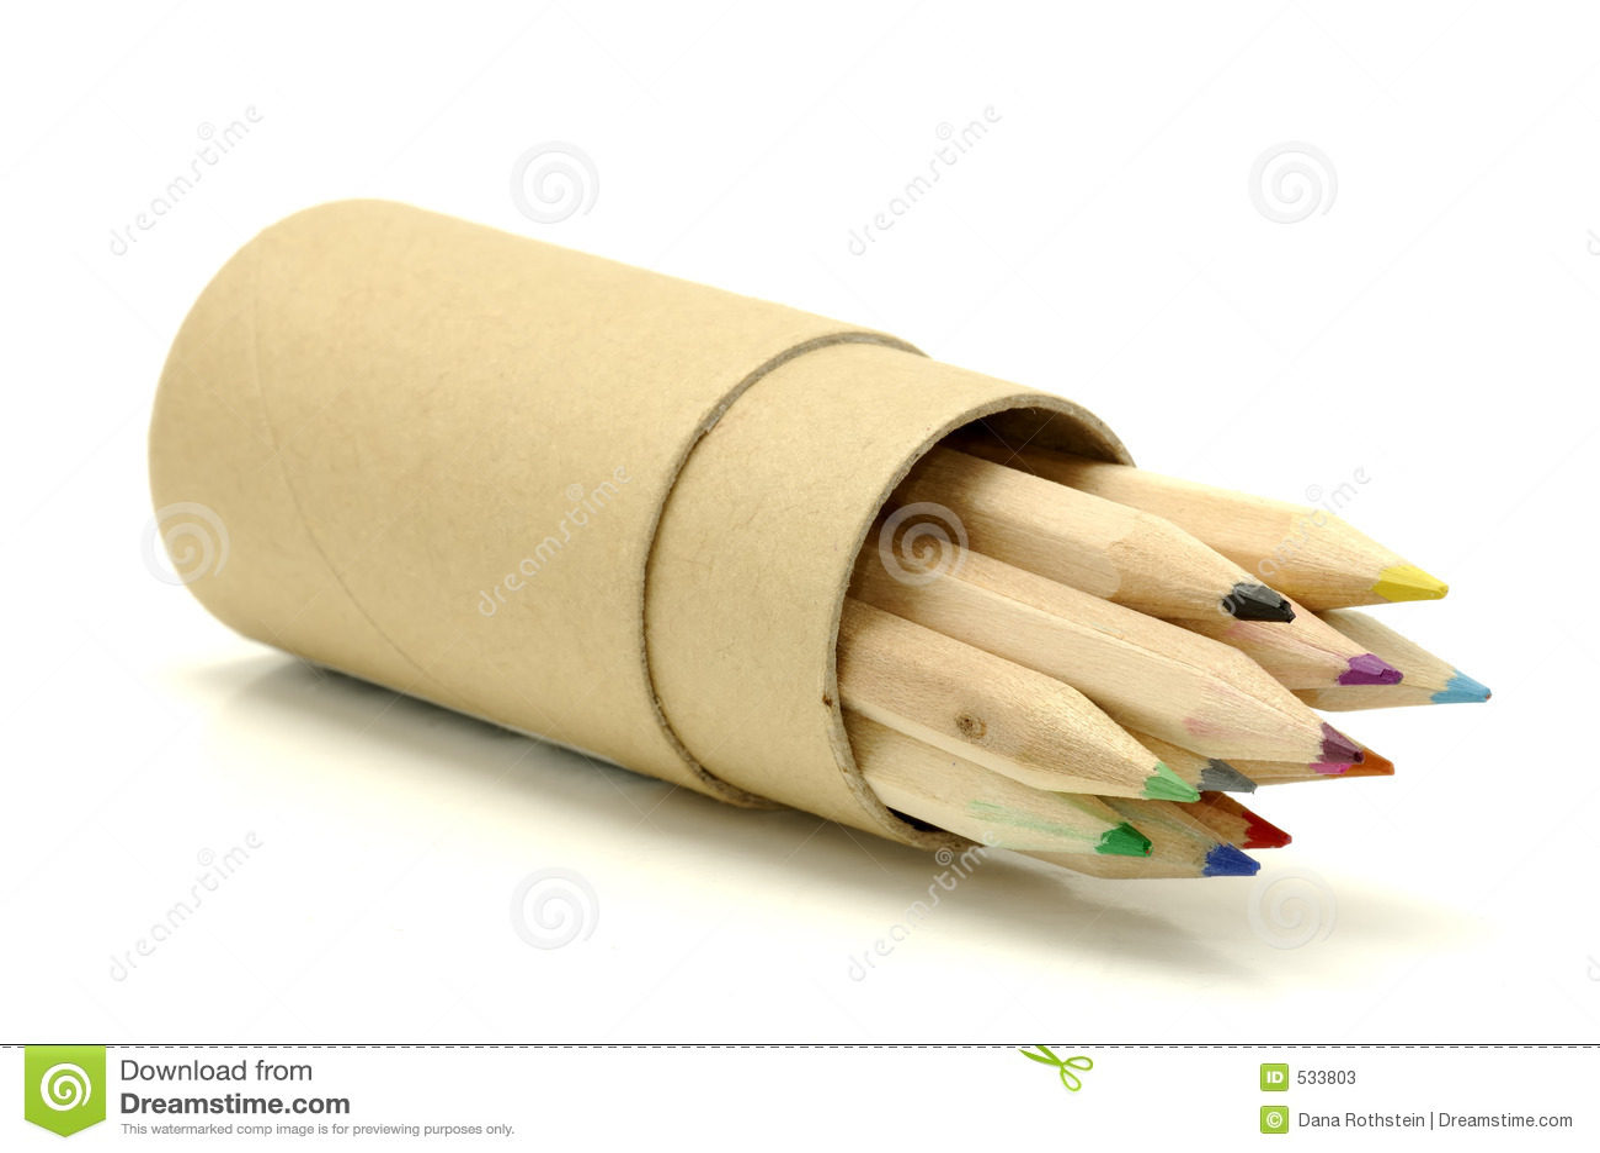 Download 颜色铅笔 库存图片. 图片 包括有 凹道, 蜡笔, 铅笔, 用品, 学校, 技巧, 容器, 草图, 艺术, 颜色 - 533803